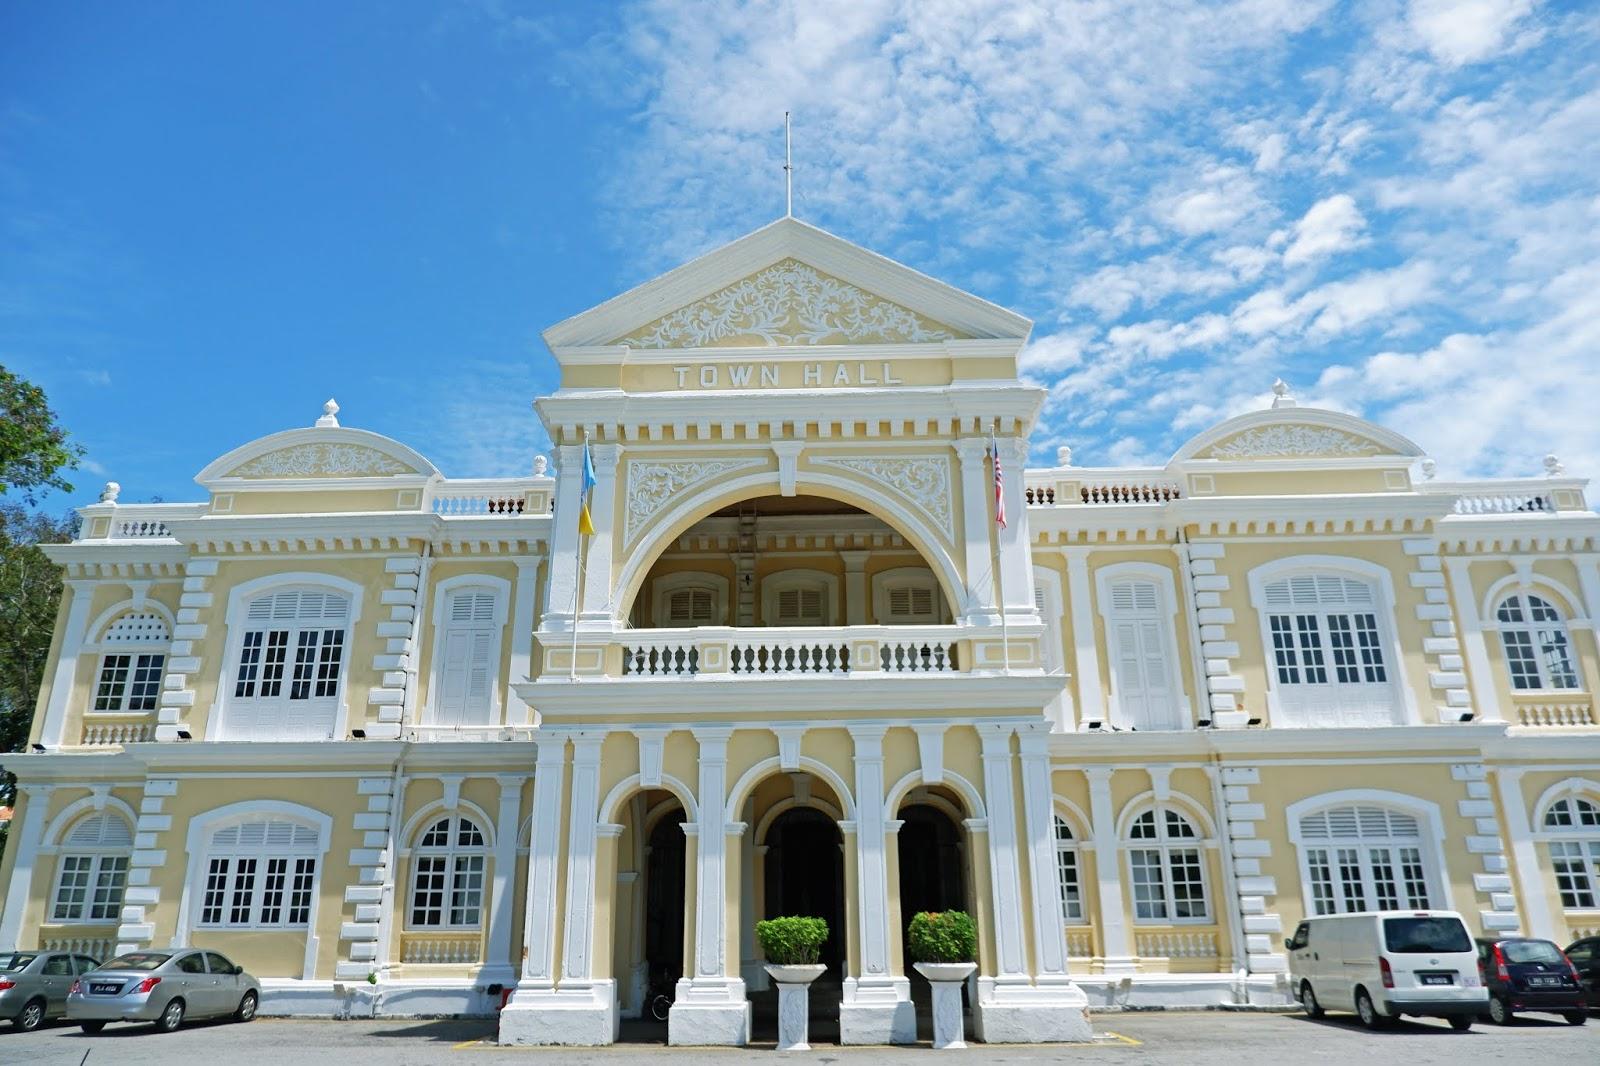 Penang-Town-Hall.jpg